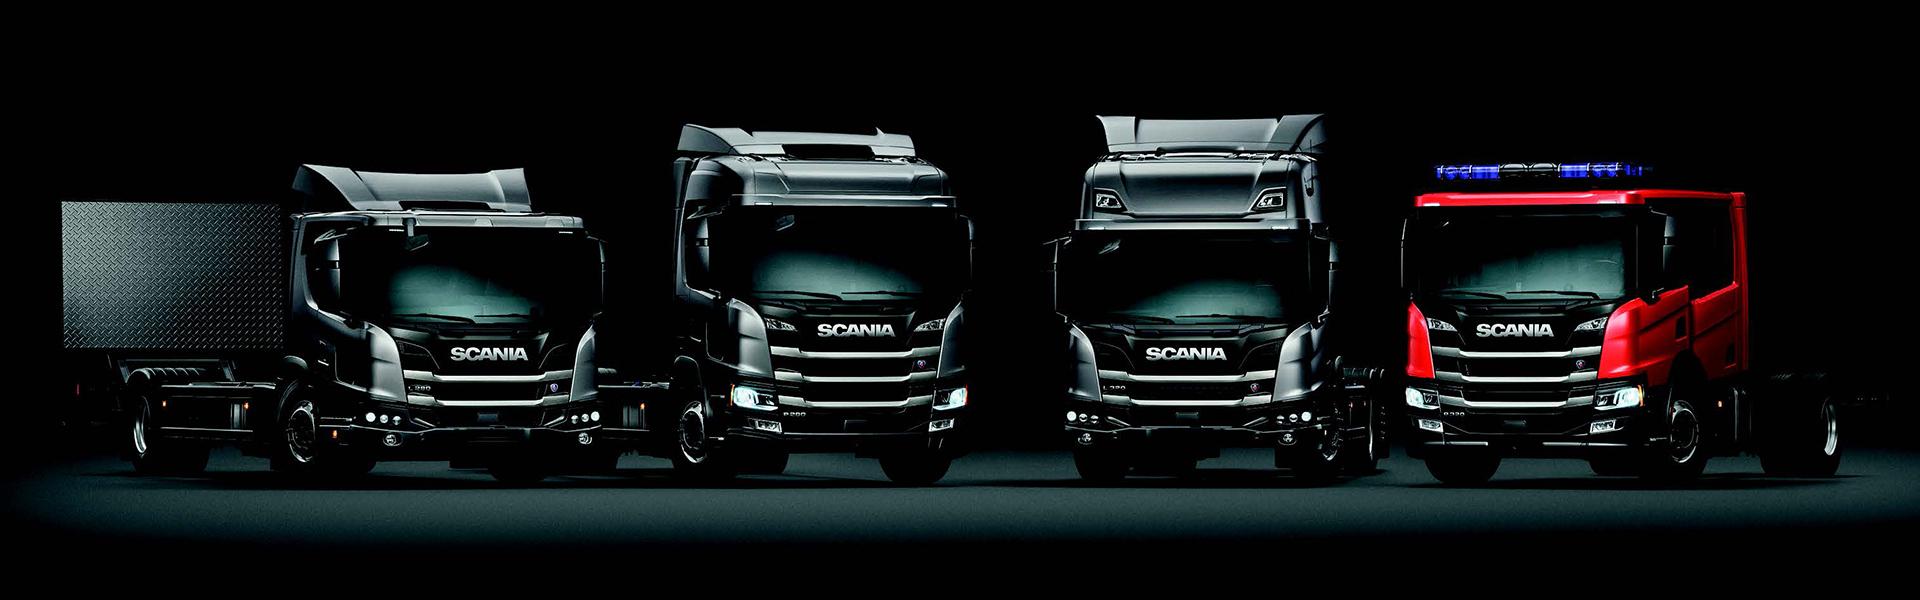 Scania kuva #1